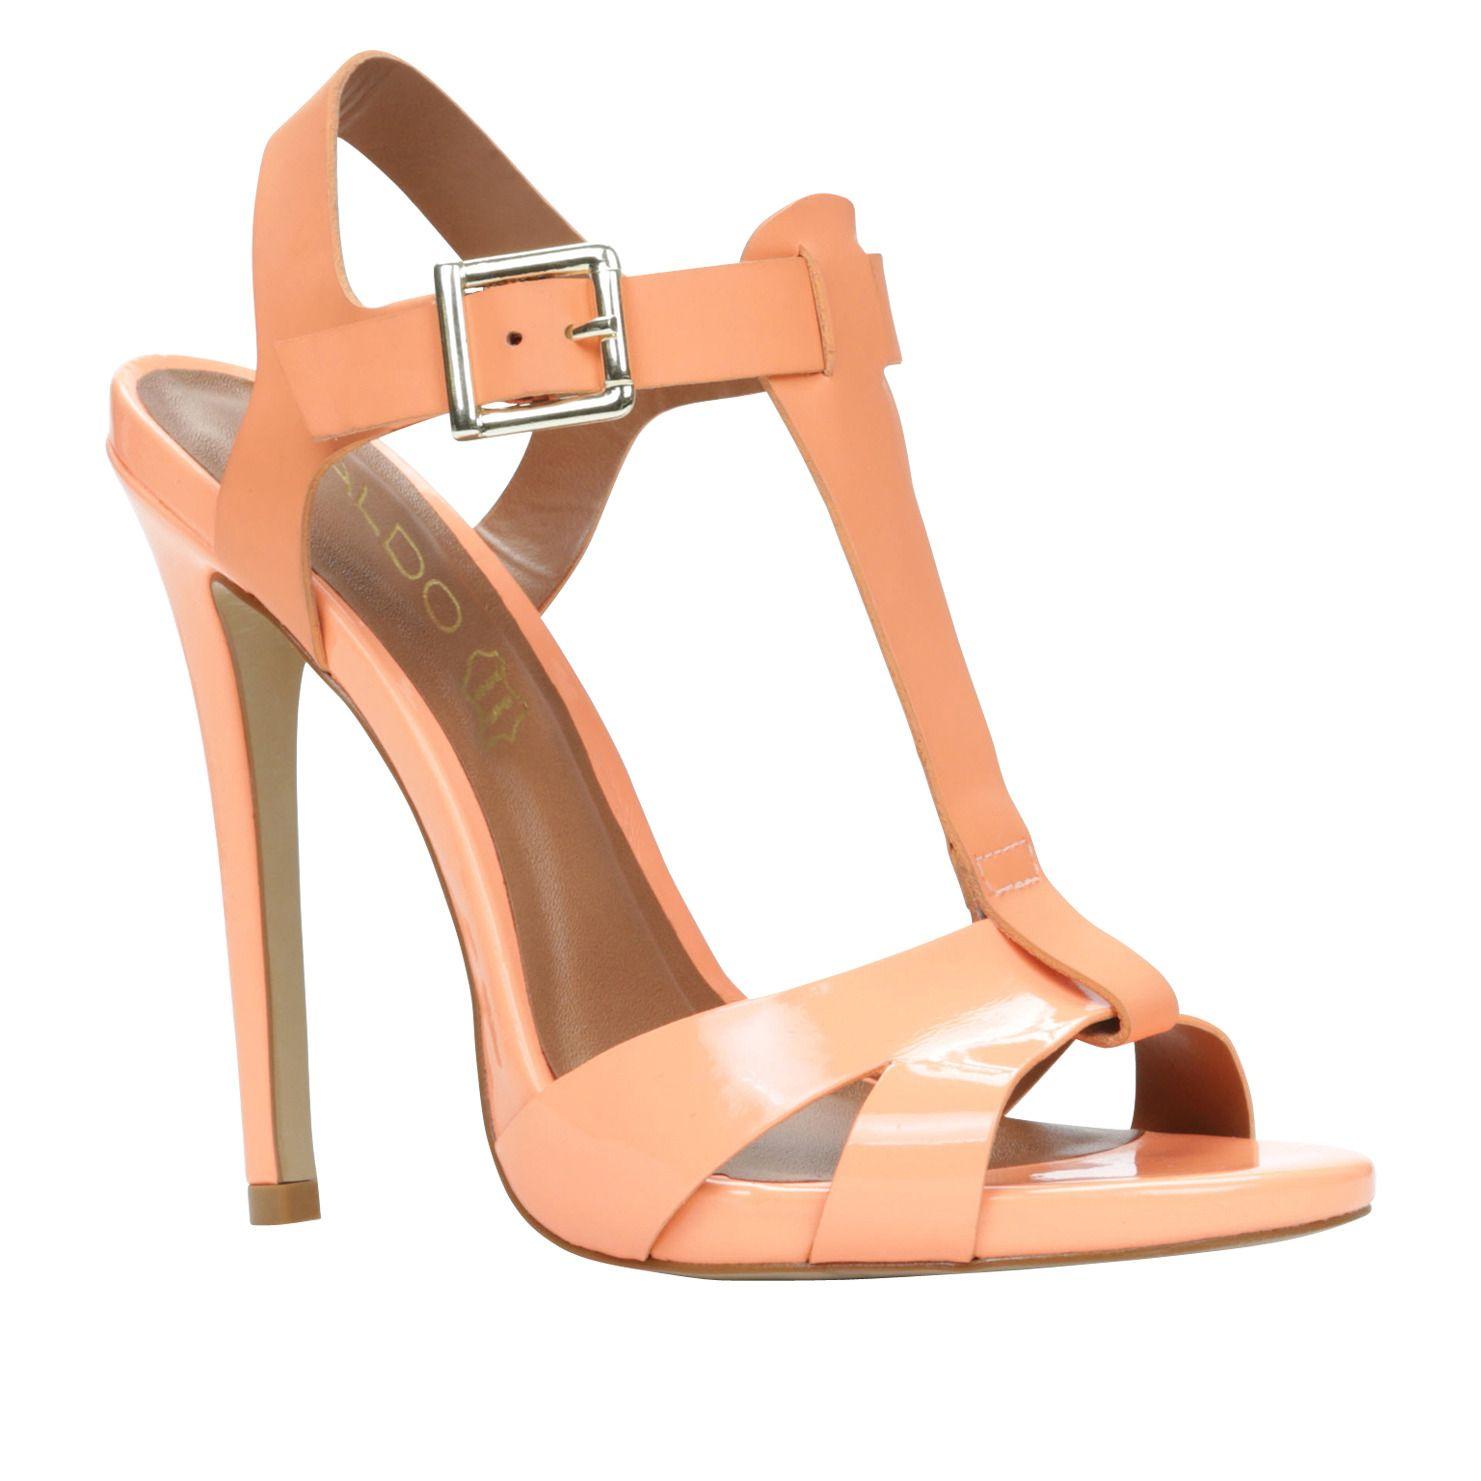 LAEDIA - sale's sale sandals women for sale at ALDO Shoes.